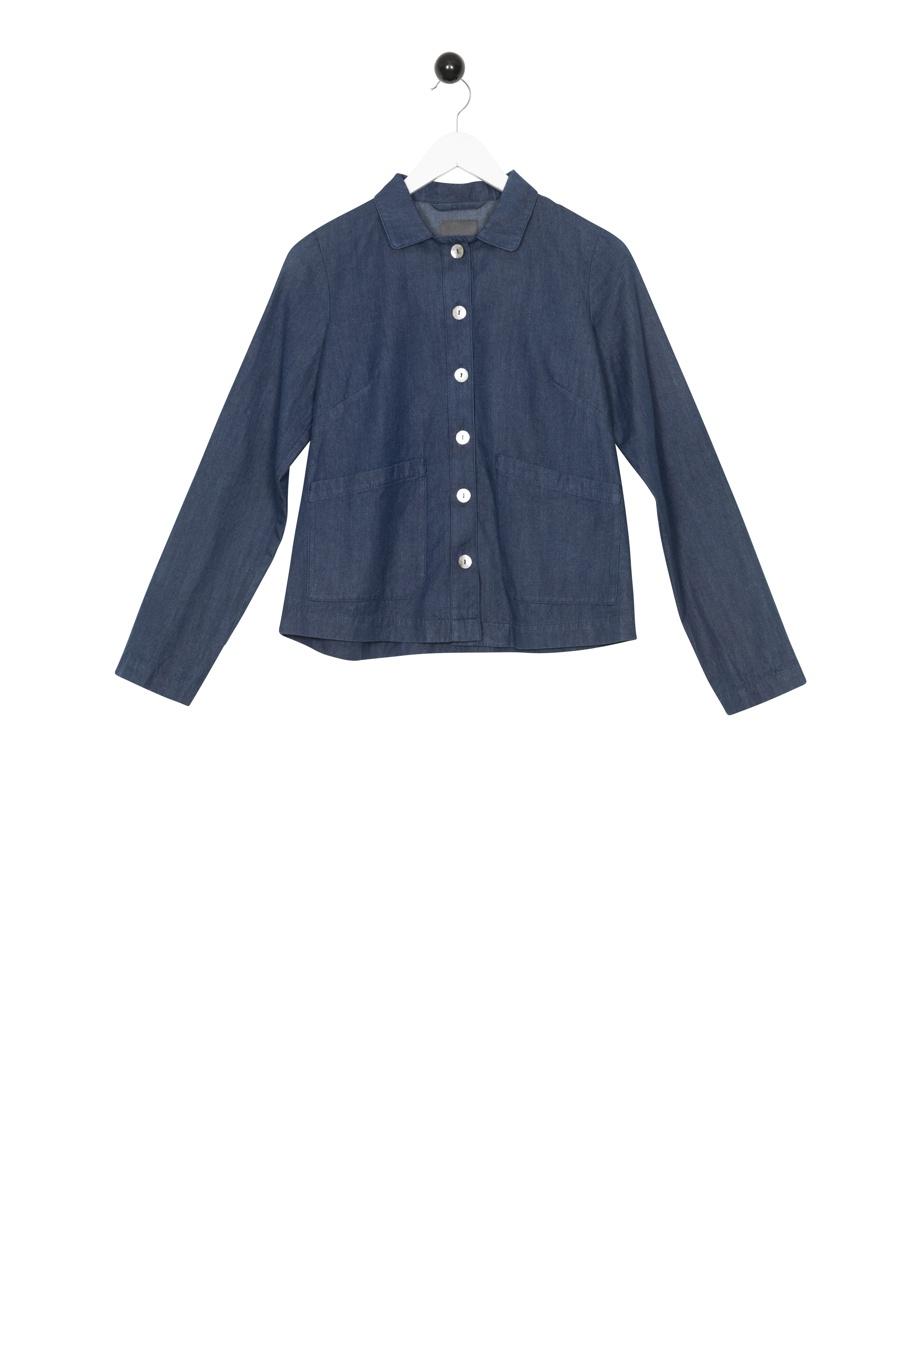 Frigole Jacket